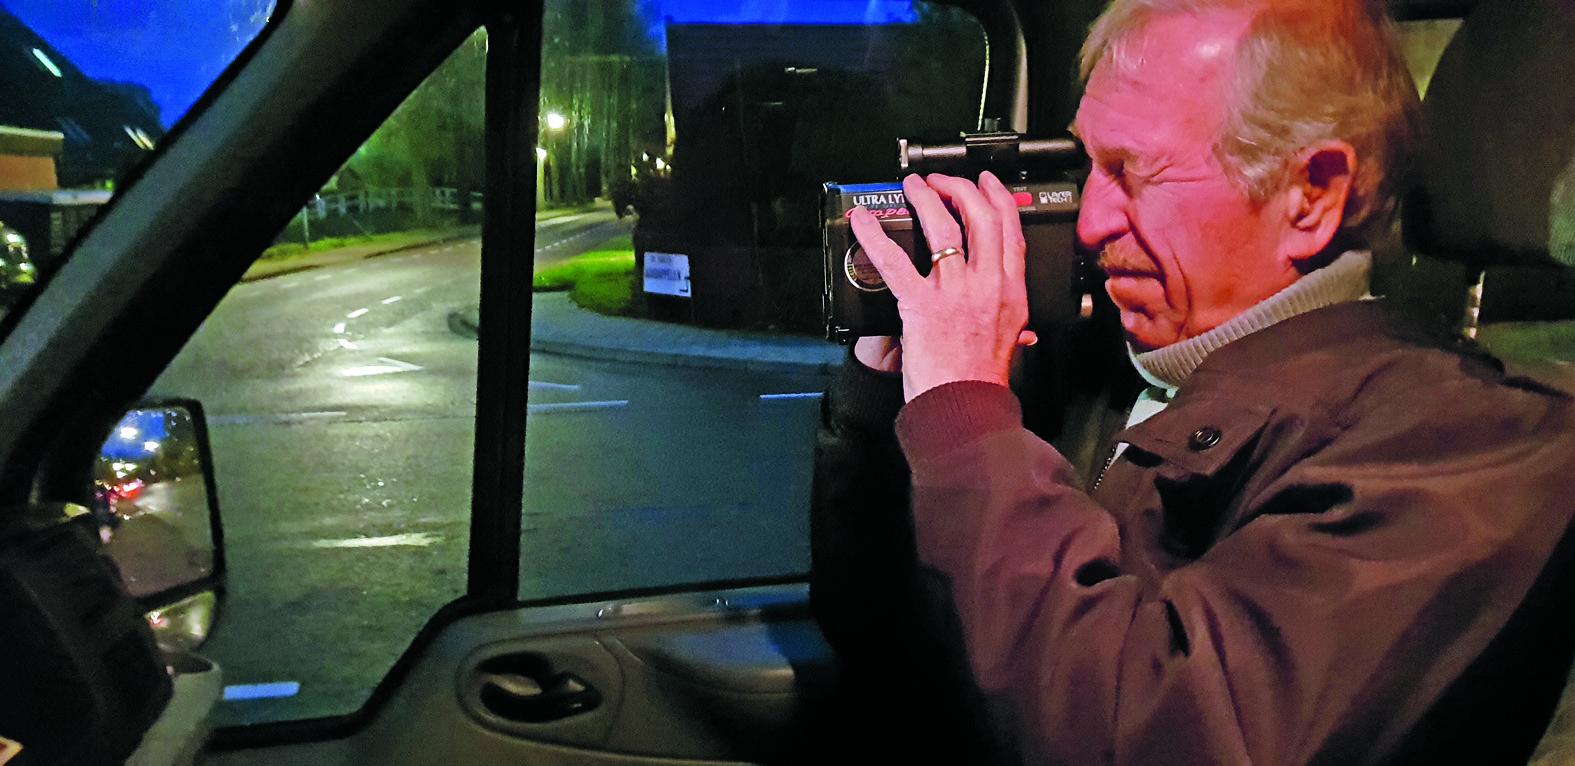 Wim Floor van de Dorpsraad Andijk verrichtte ook 's avonds snelheidsmetingen in het dorp. (Foto: Dorpsraad Andijk)